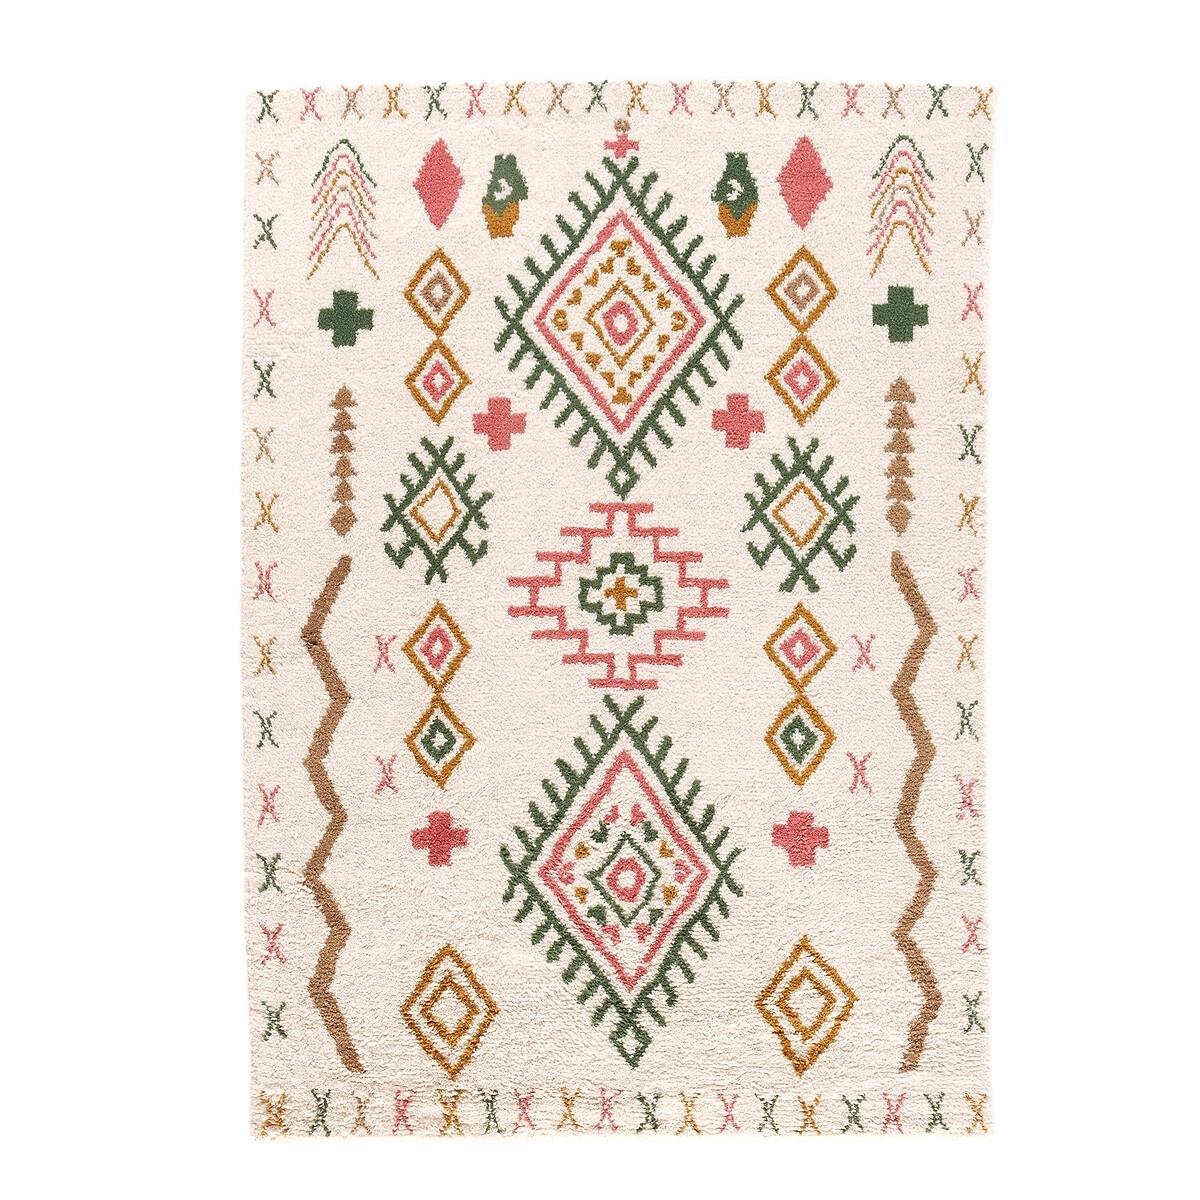 Фото - Ковер LaRedoute В берберском стиле из шерсти Tobi 160 x 230 см разноцветный ковер laredoute в берберском стиле rabisco 160 x 230 см бежевый